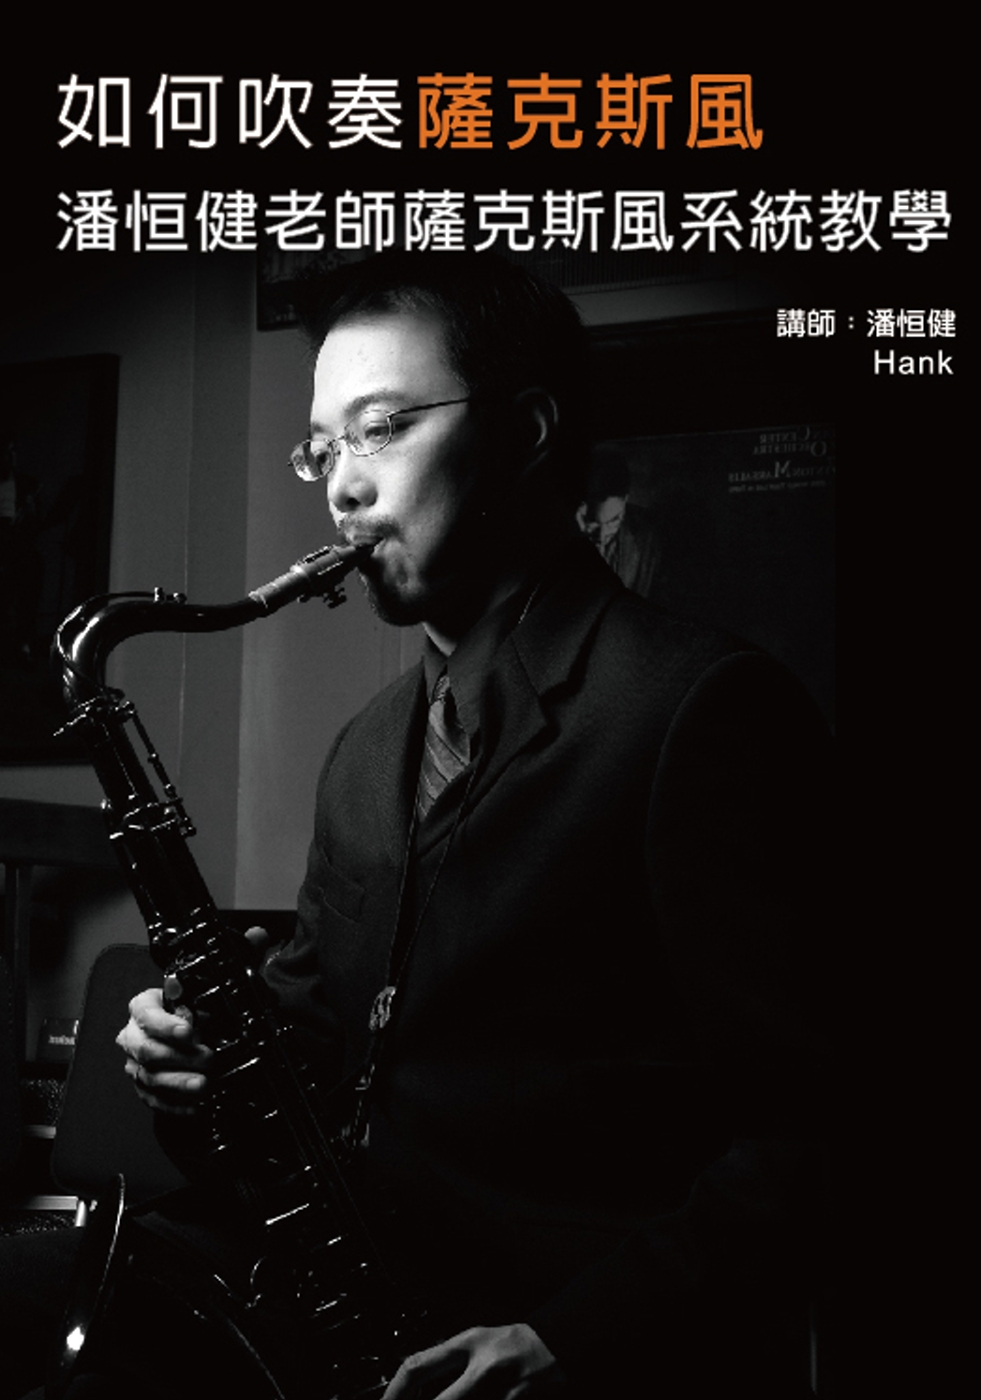 如何吹奏薩克斯風:潘恒健老師薩克斯風系統教學套書(2書+2DVD )